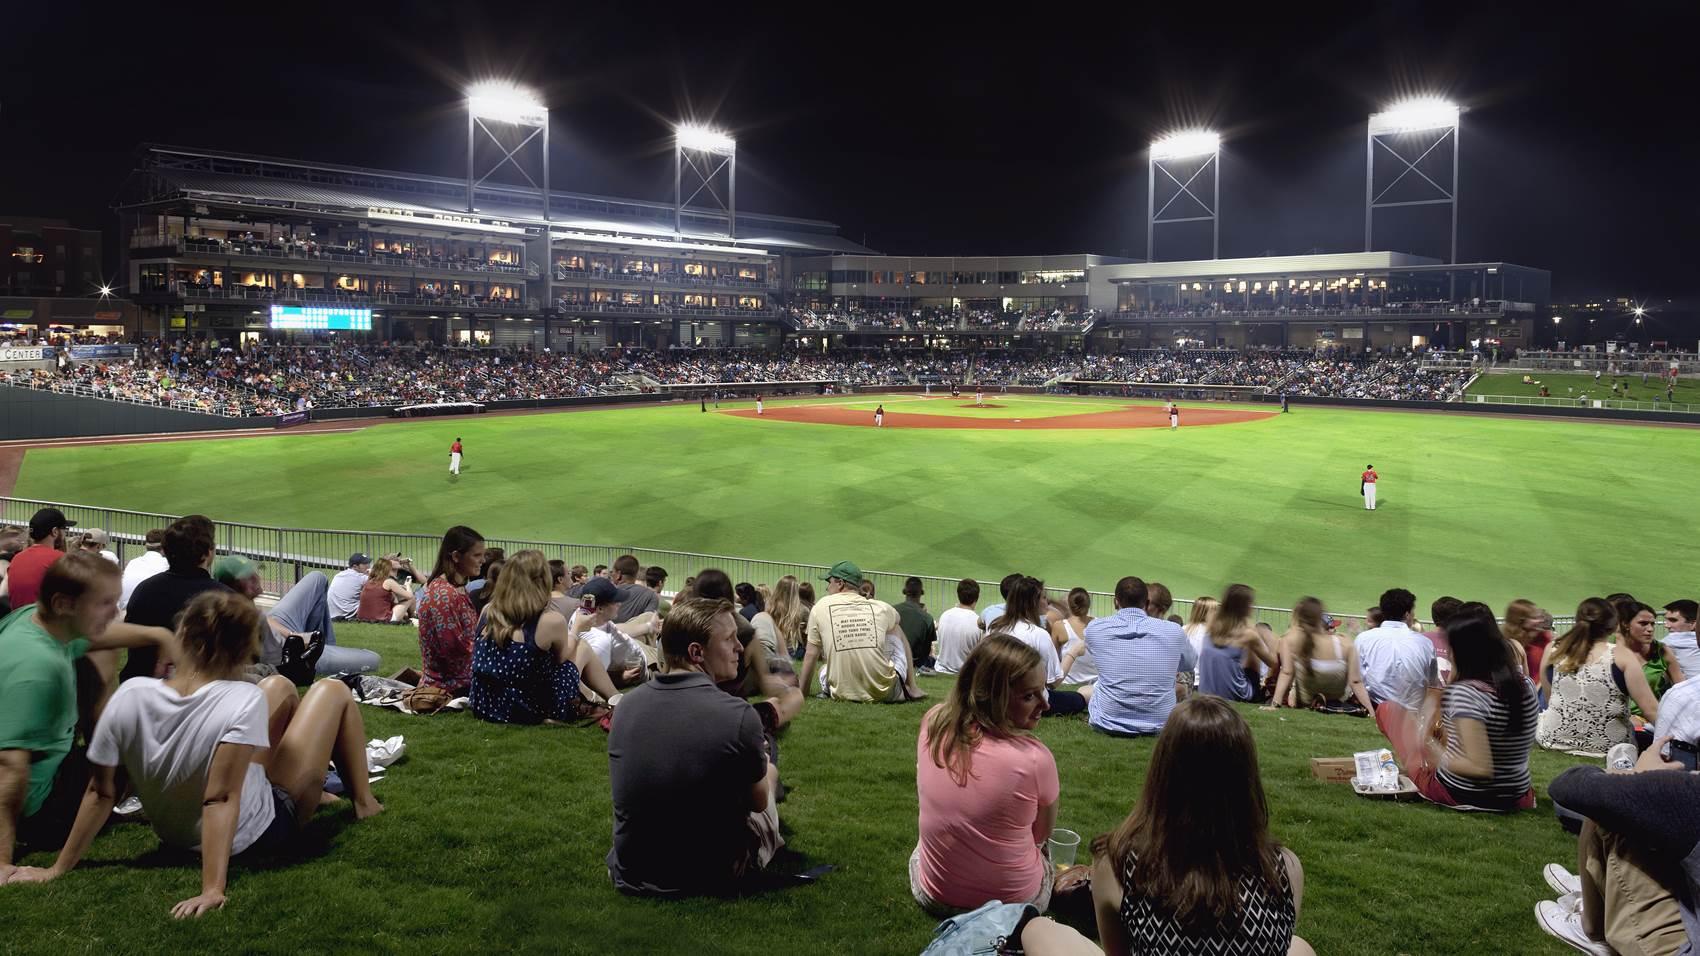 Regions Field at night